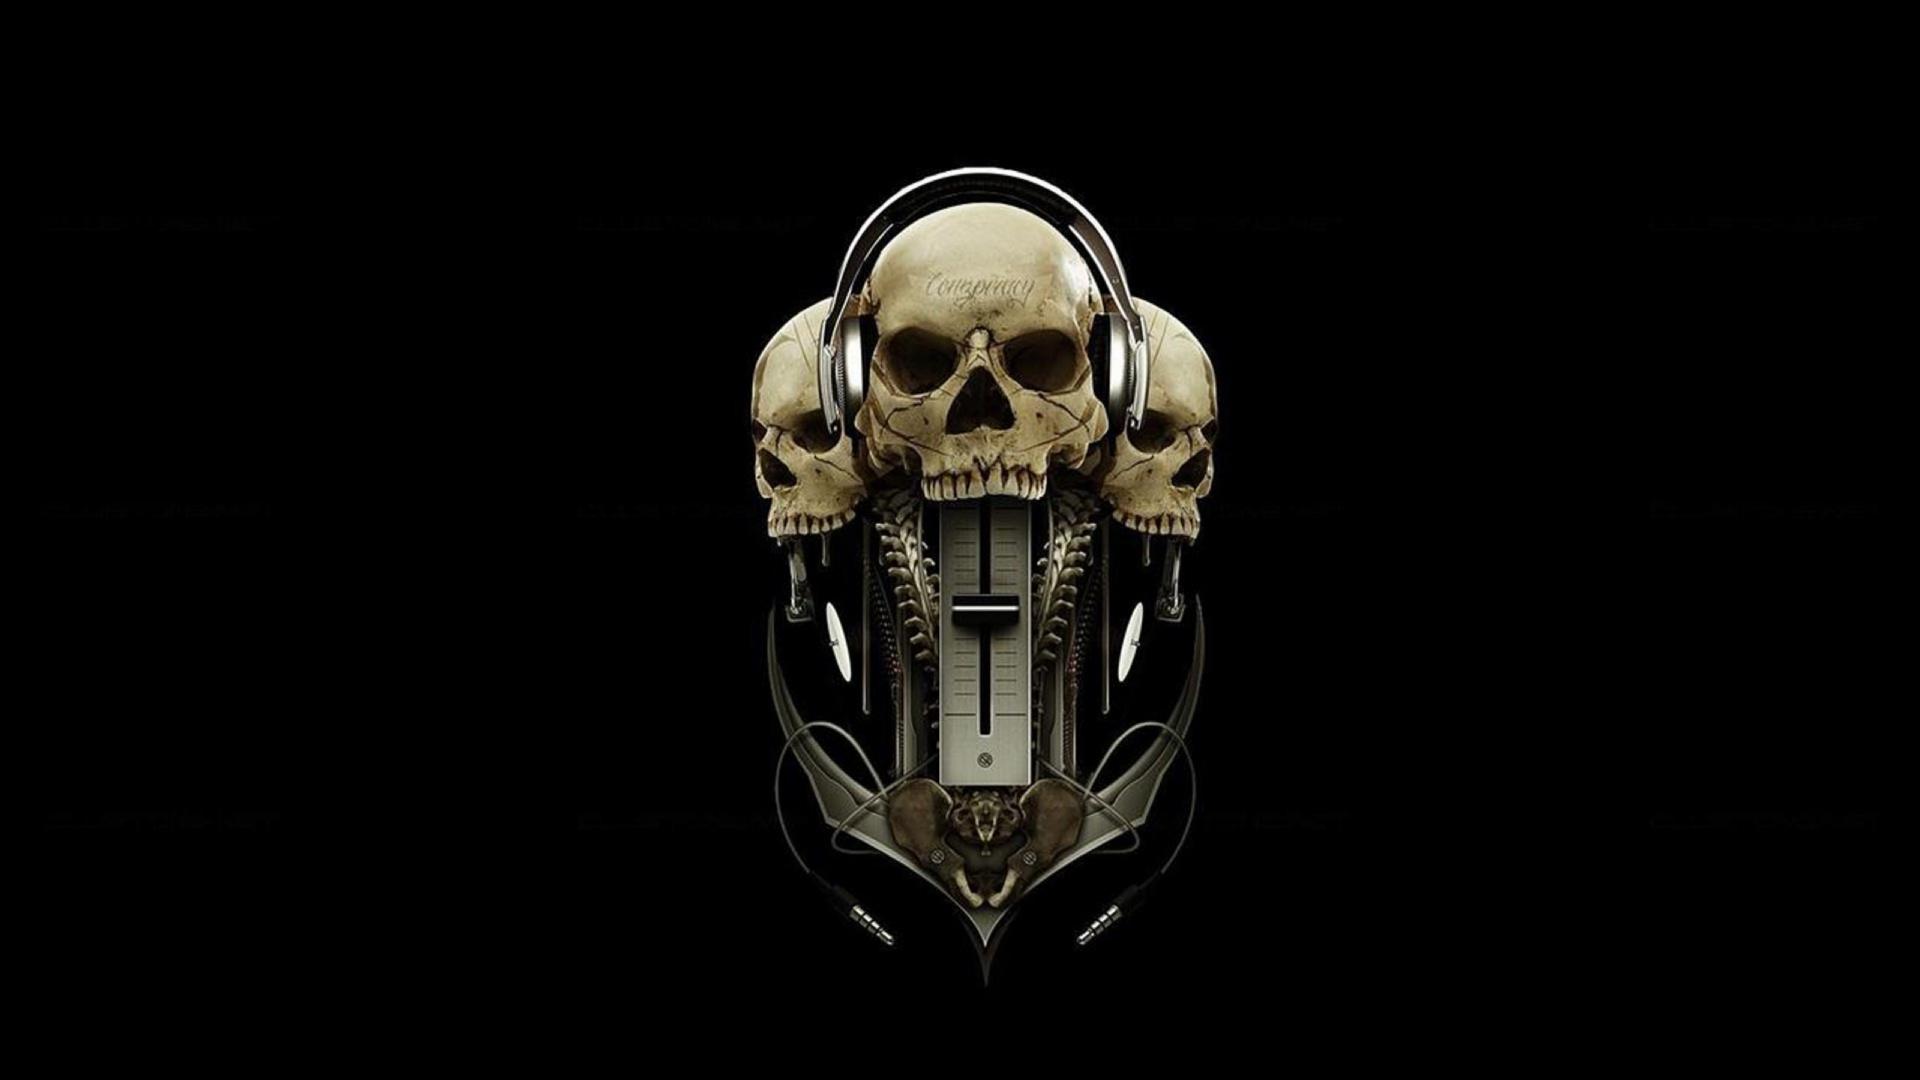 Digital Headphone Wallpaper Girl Skull Headphone Mystery Wallpaper